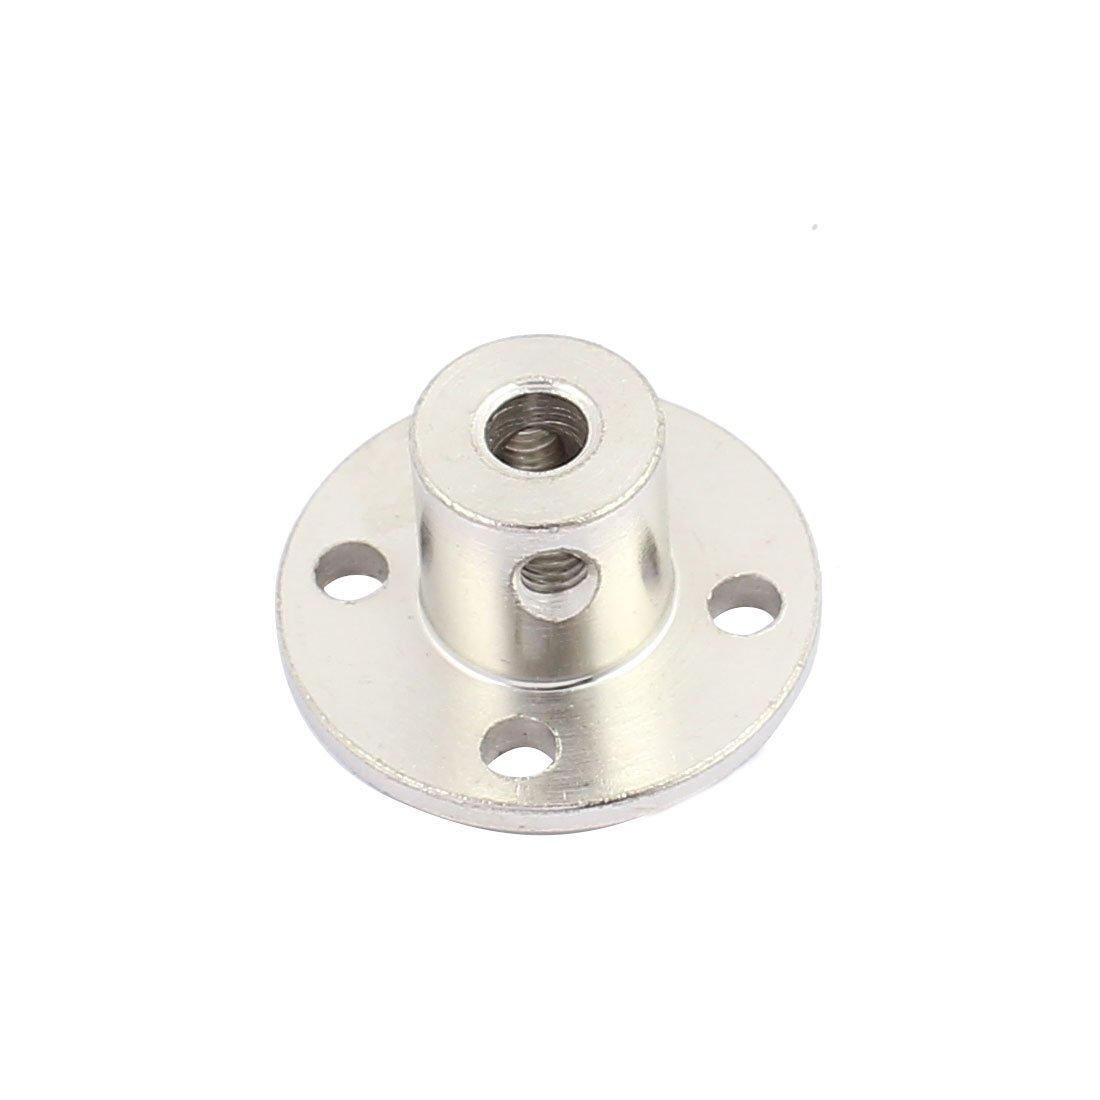 4mm Rigid Flange Coupling Motor Guide Shaft Coupler Motor Connector f DIY  Parts